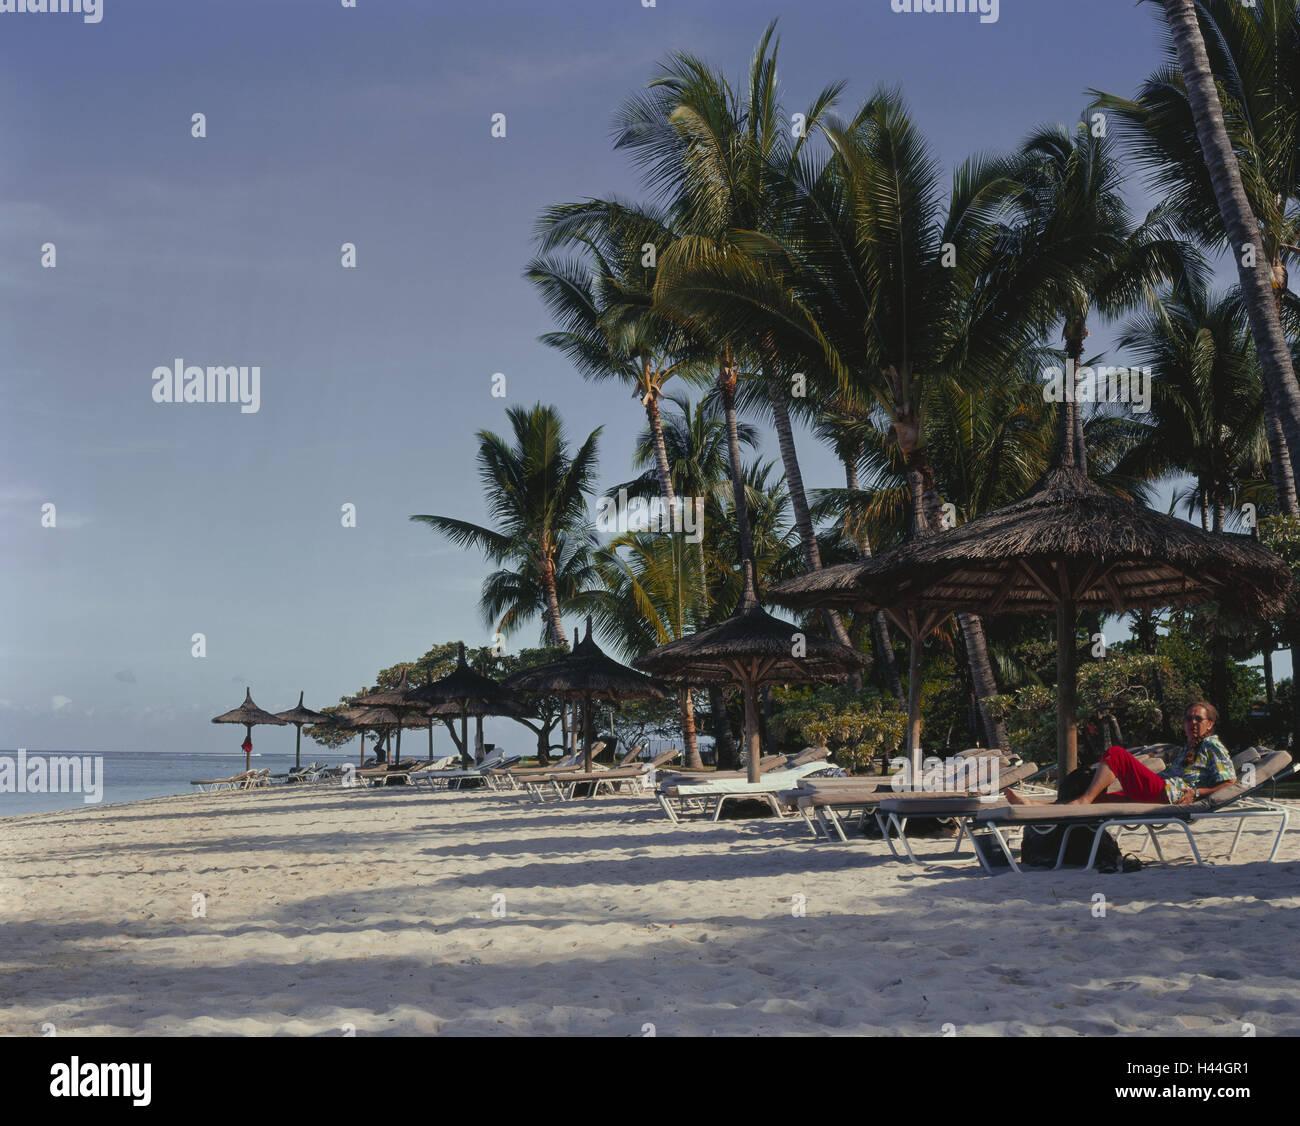 Maskarenen Photos & Maskarenen Images - Alamy